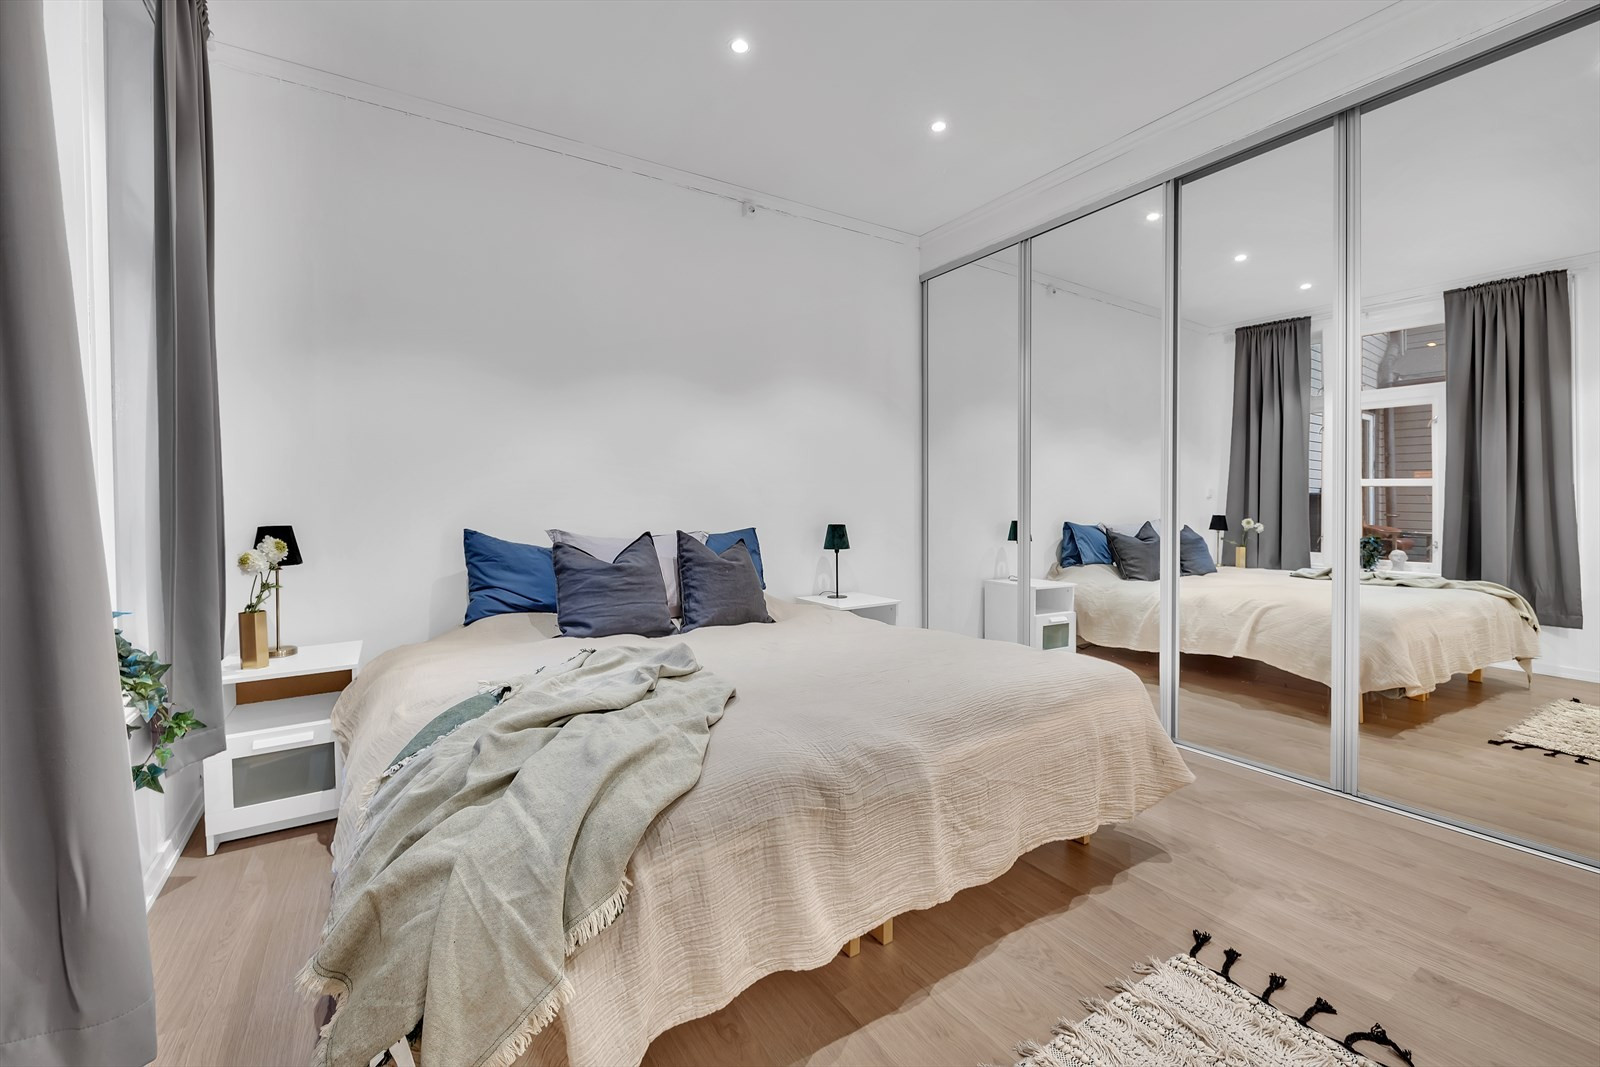 Master bedroom med perfekt størrelse, god takhøyde, downlights og skyvedørsgarderobe.